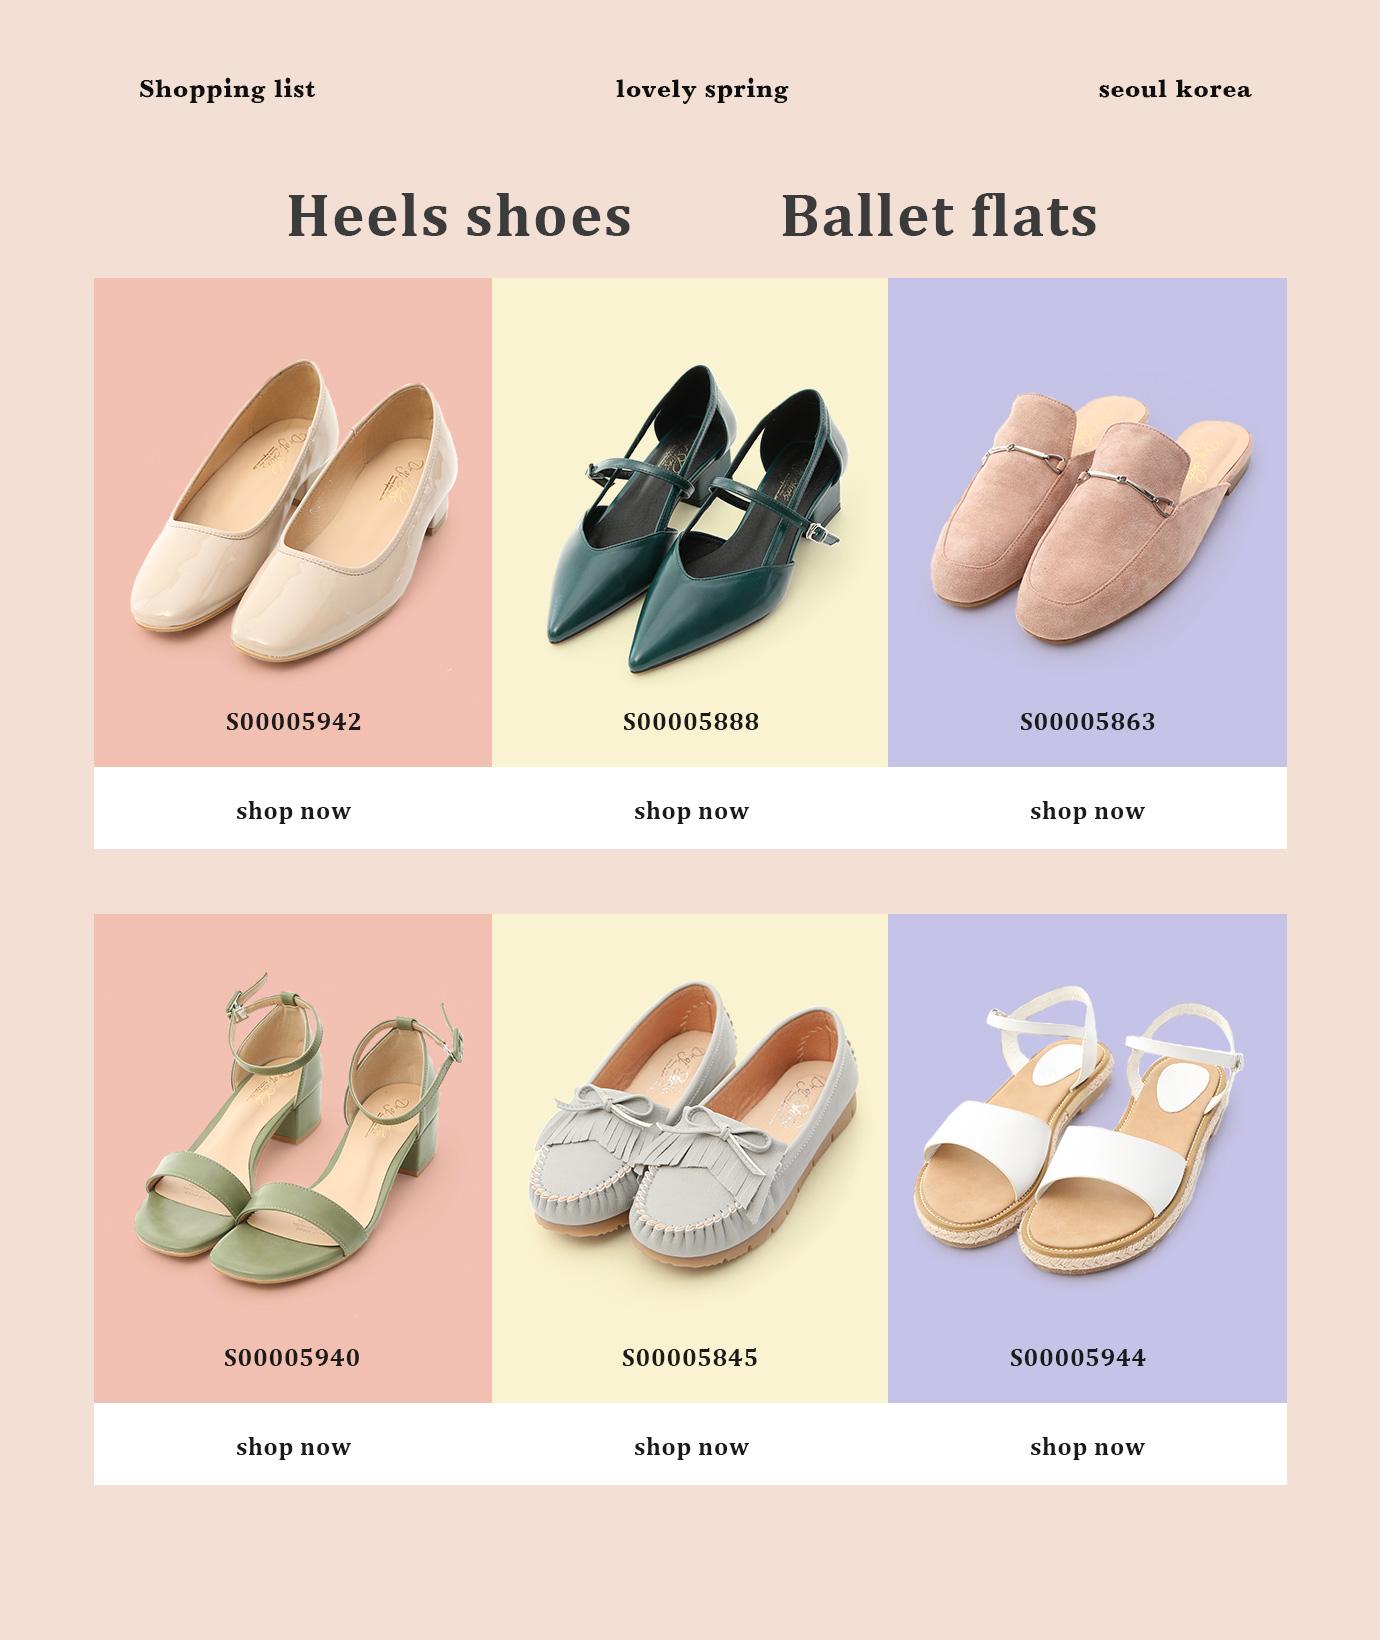 春季新款女鞋 穆勒鞋 健走鞋 休閒鞋 跟鞋 涼鞋推薦